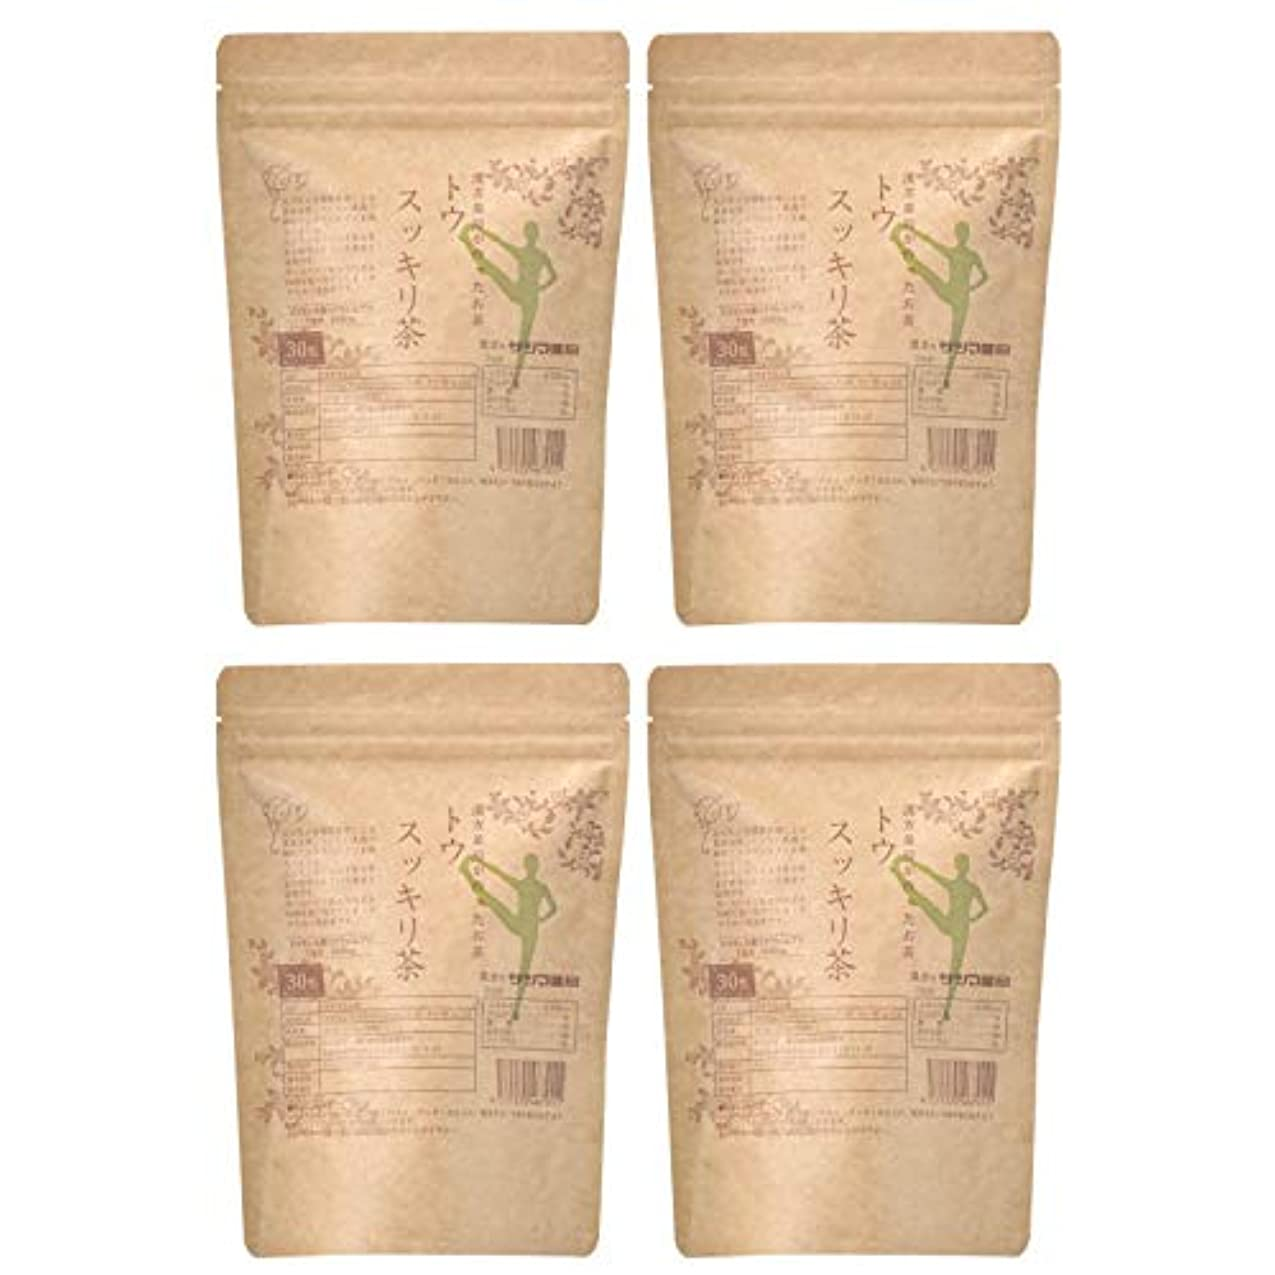 個人複合絞るサツマ薬局 ダイエットティー トウスッキリ茶 120包(30包×4) ティーパック 高濃度コタラヒム茶 ほうじ茶